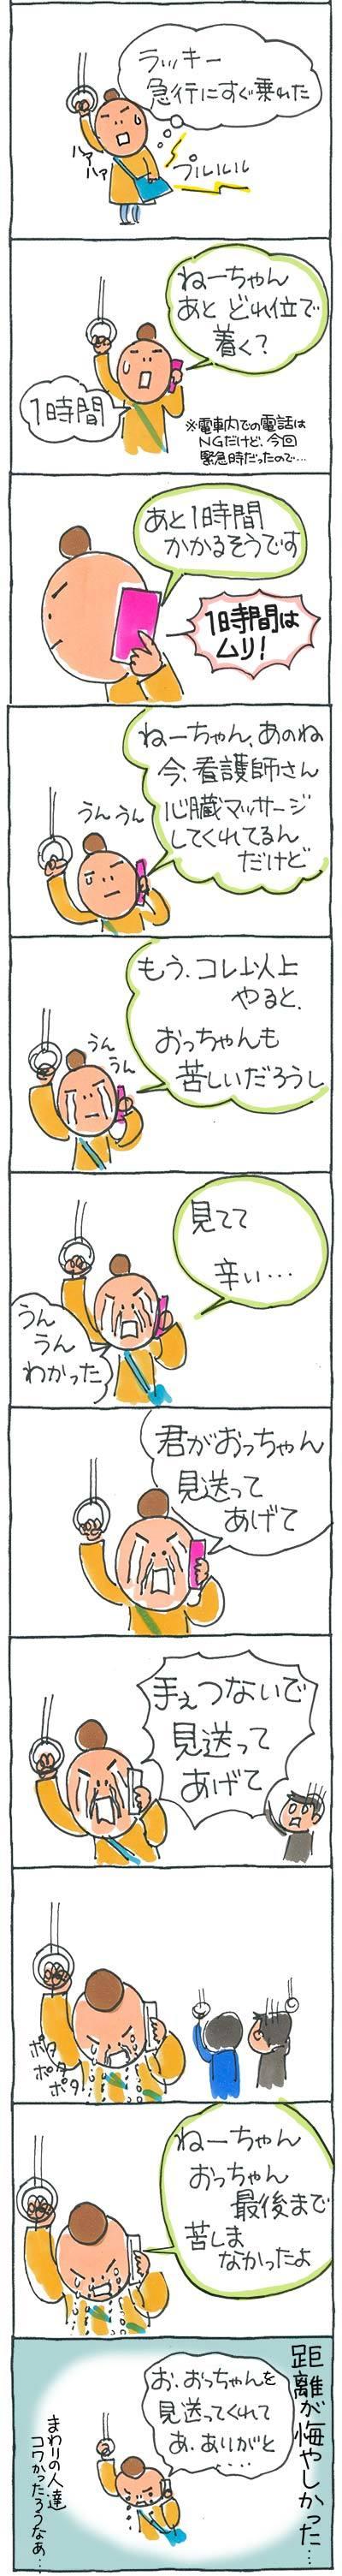 おっちゃん4904